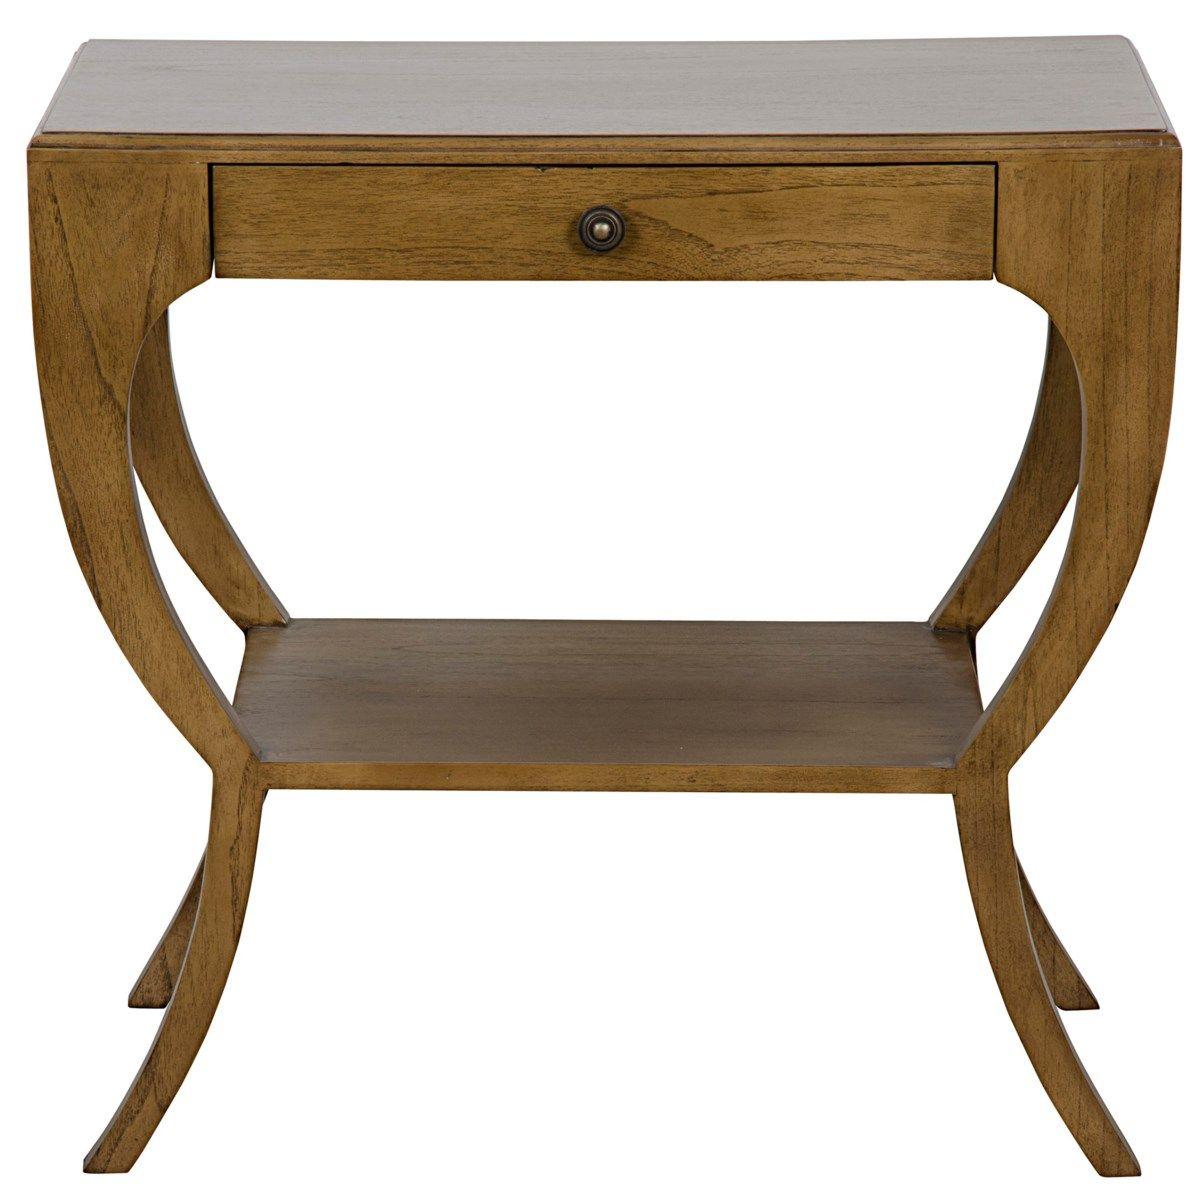 Maude Side Table, Saddle Brown